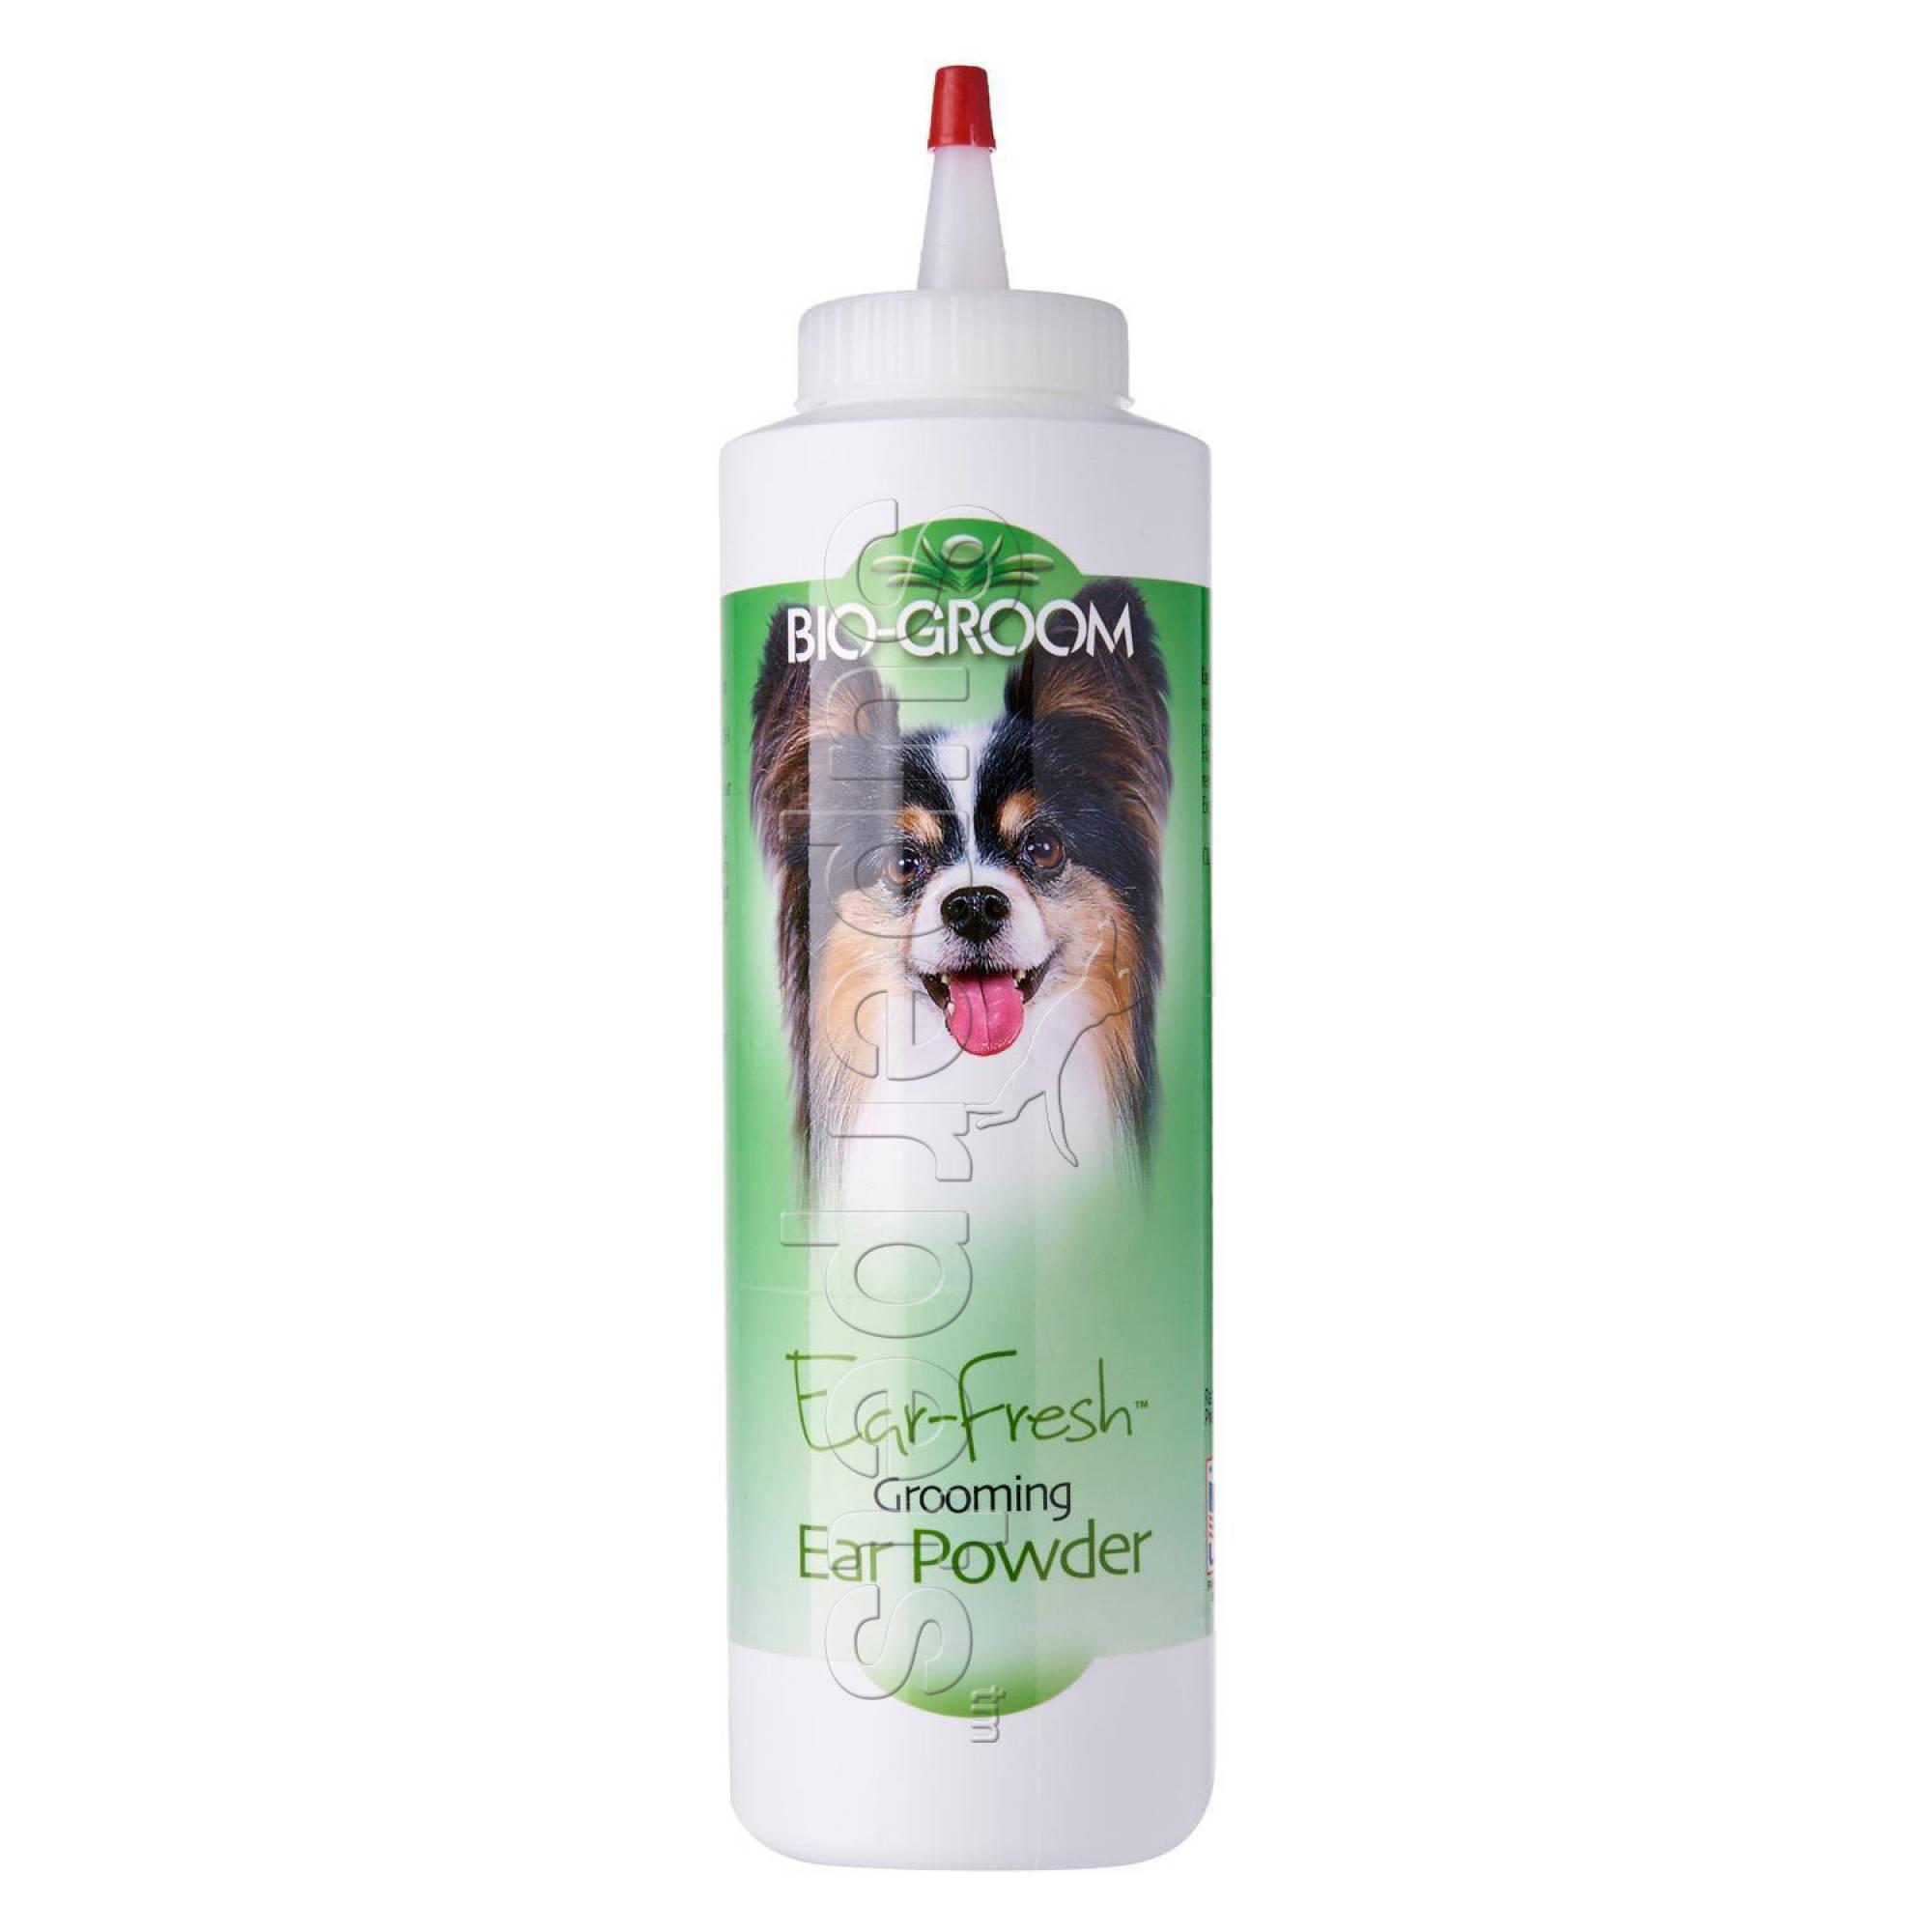 Bio-Groom Ear-Fresh Grooming Ear Powder 24g